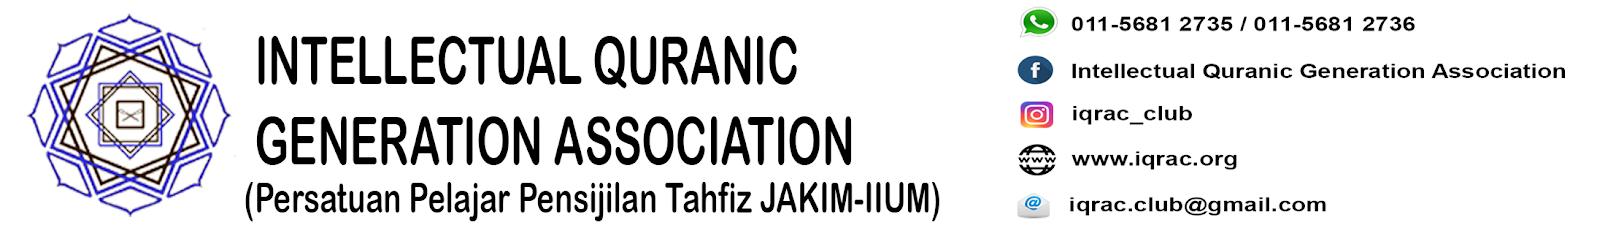 IQRAC - Intellectual Quranic Generation Association